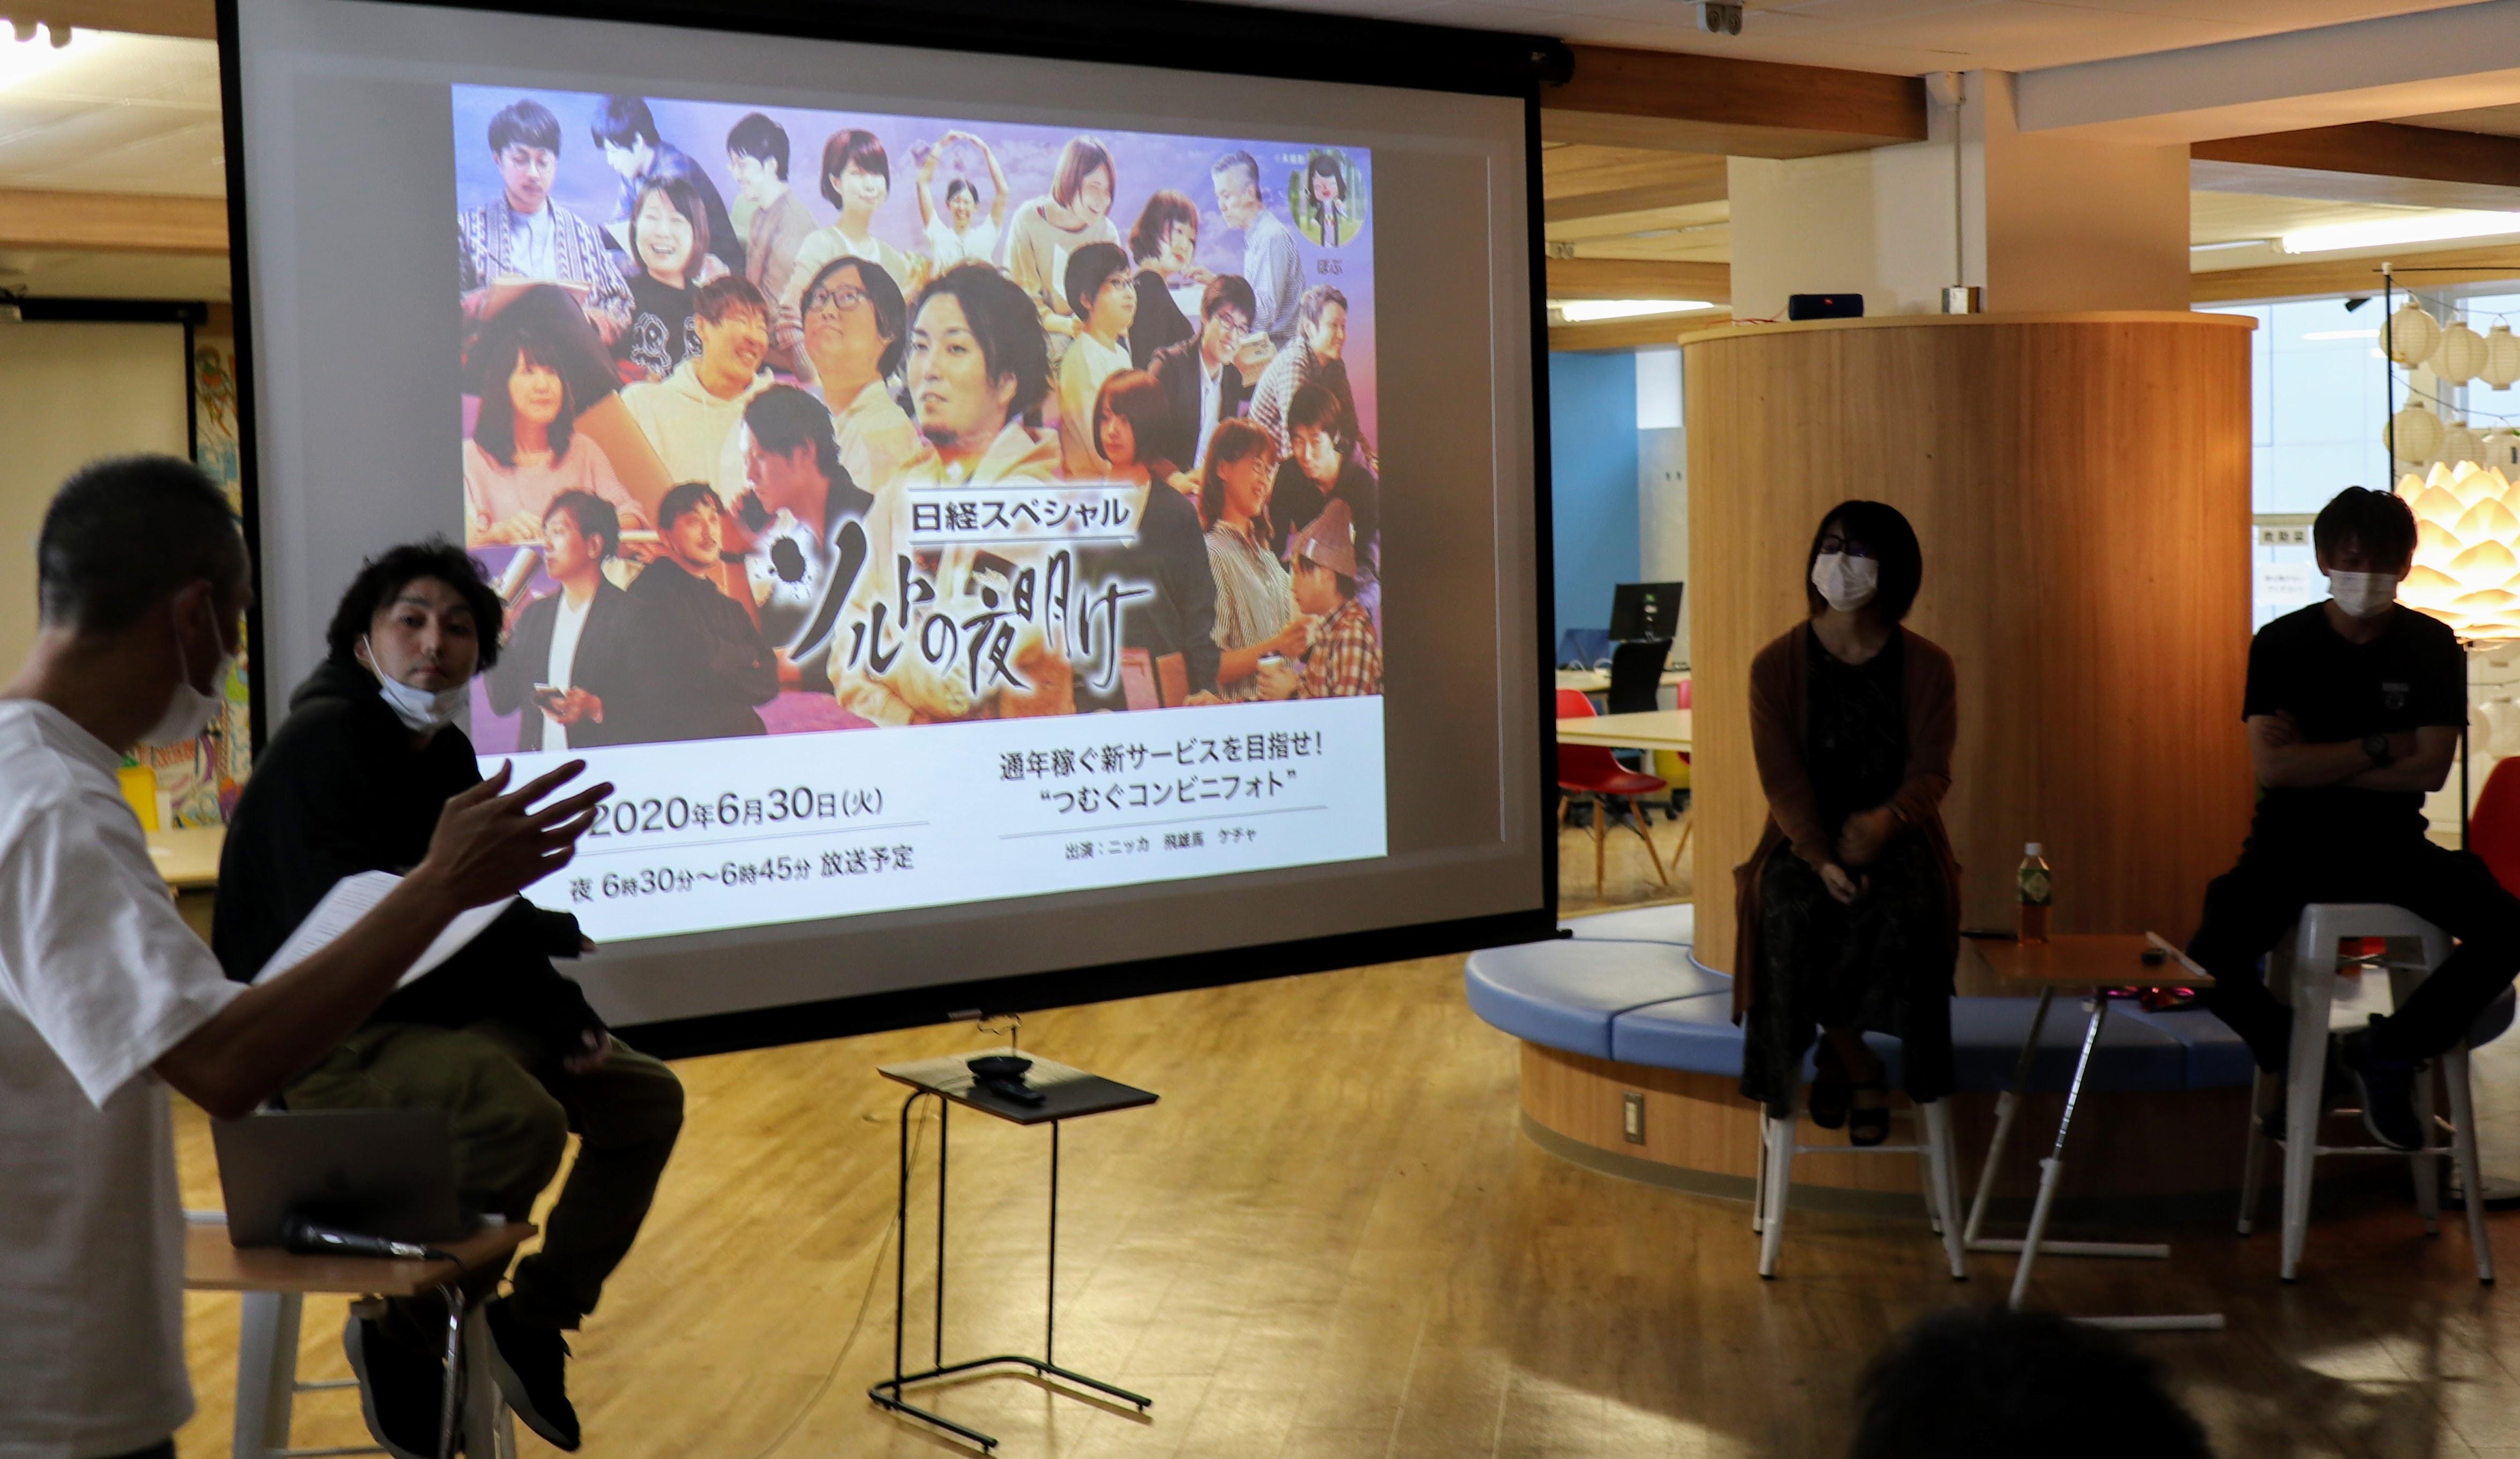 半年ぶりのリアル社内イベント「New ソルトカフェ」開催!